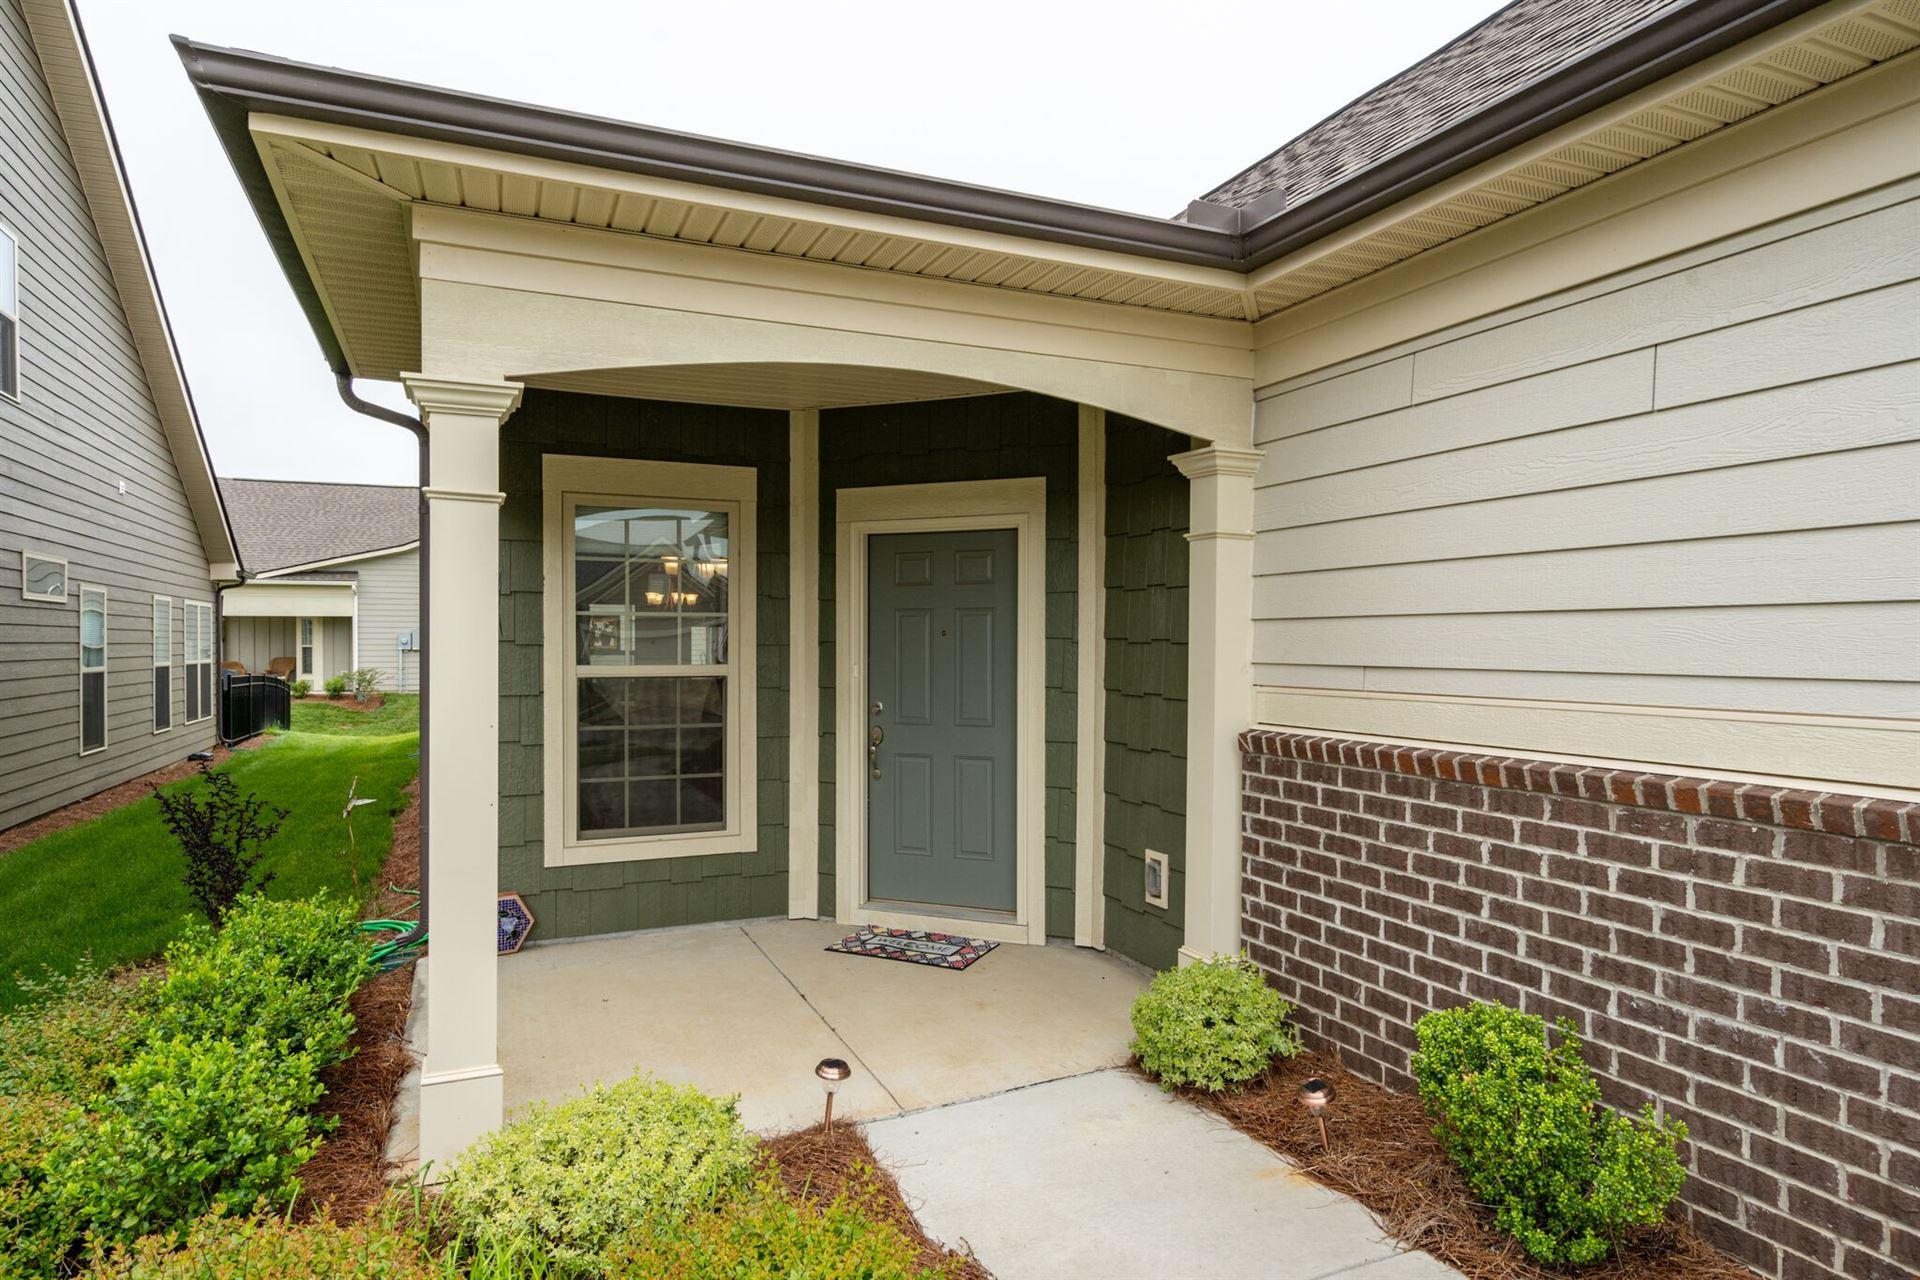 Photo of 1237 Del Webb Blvd, Spring Hill, TN 37174 (MLS # 2250706)